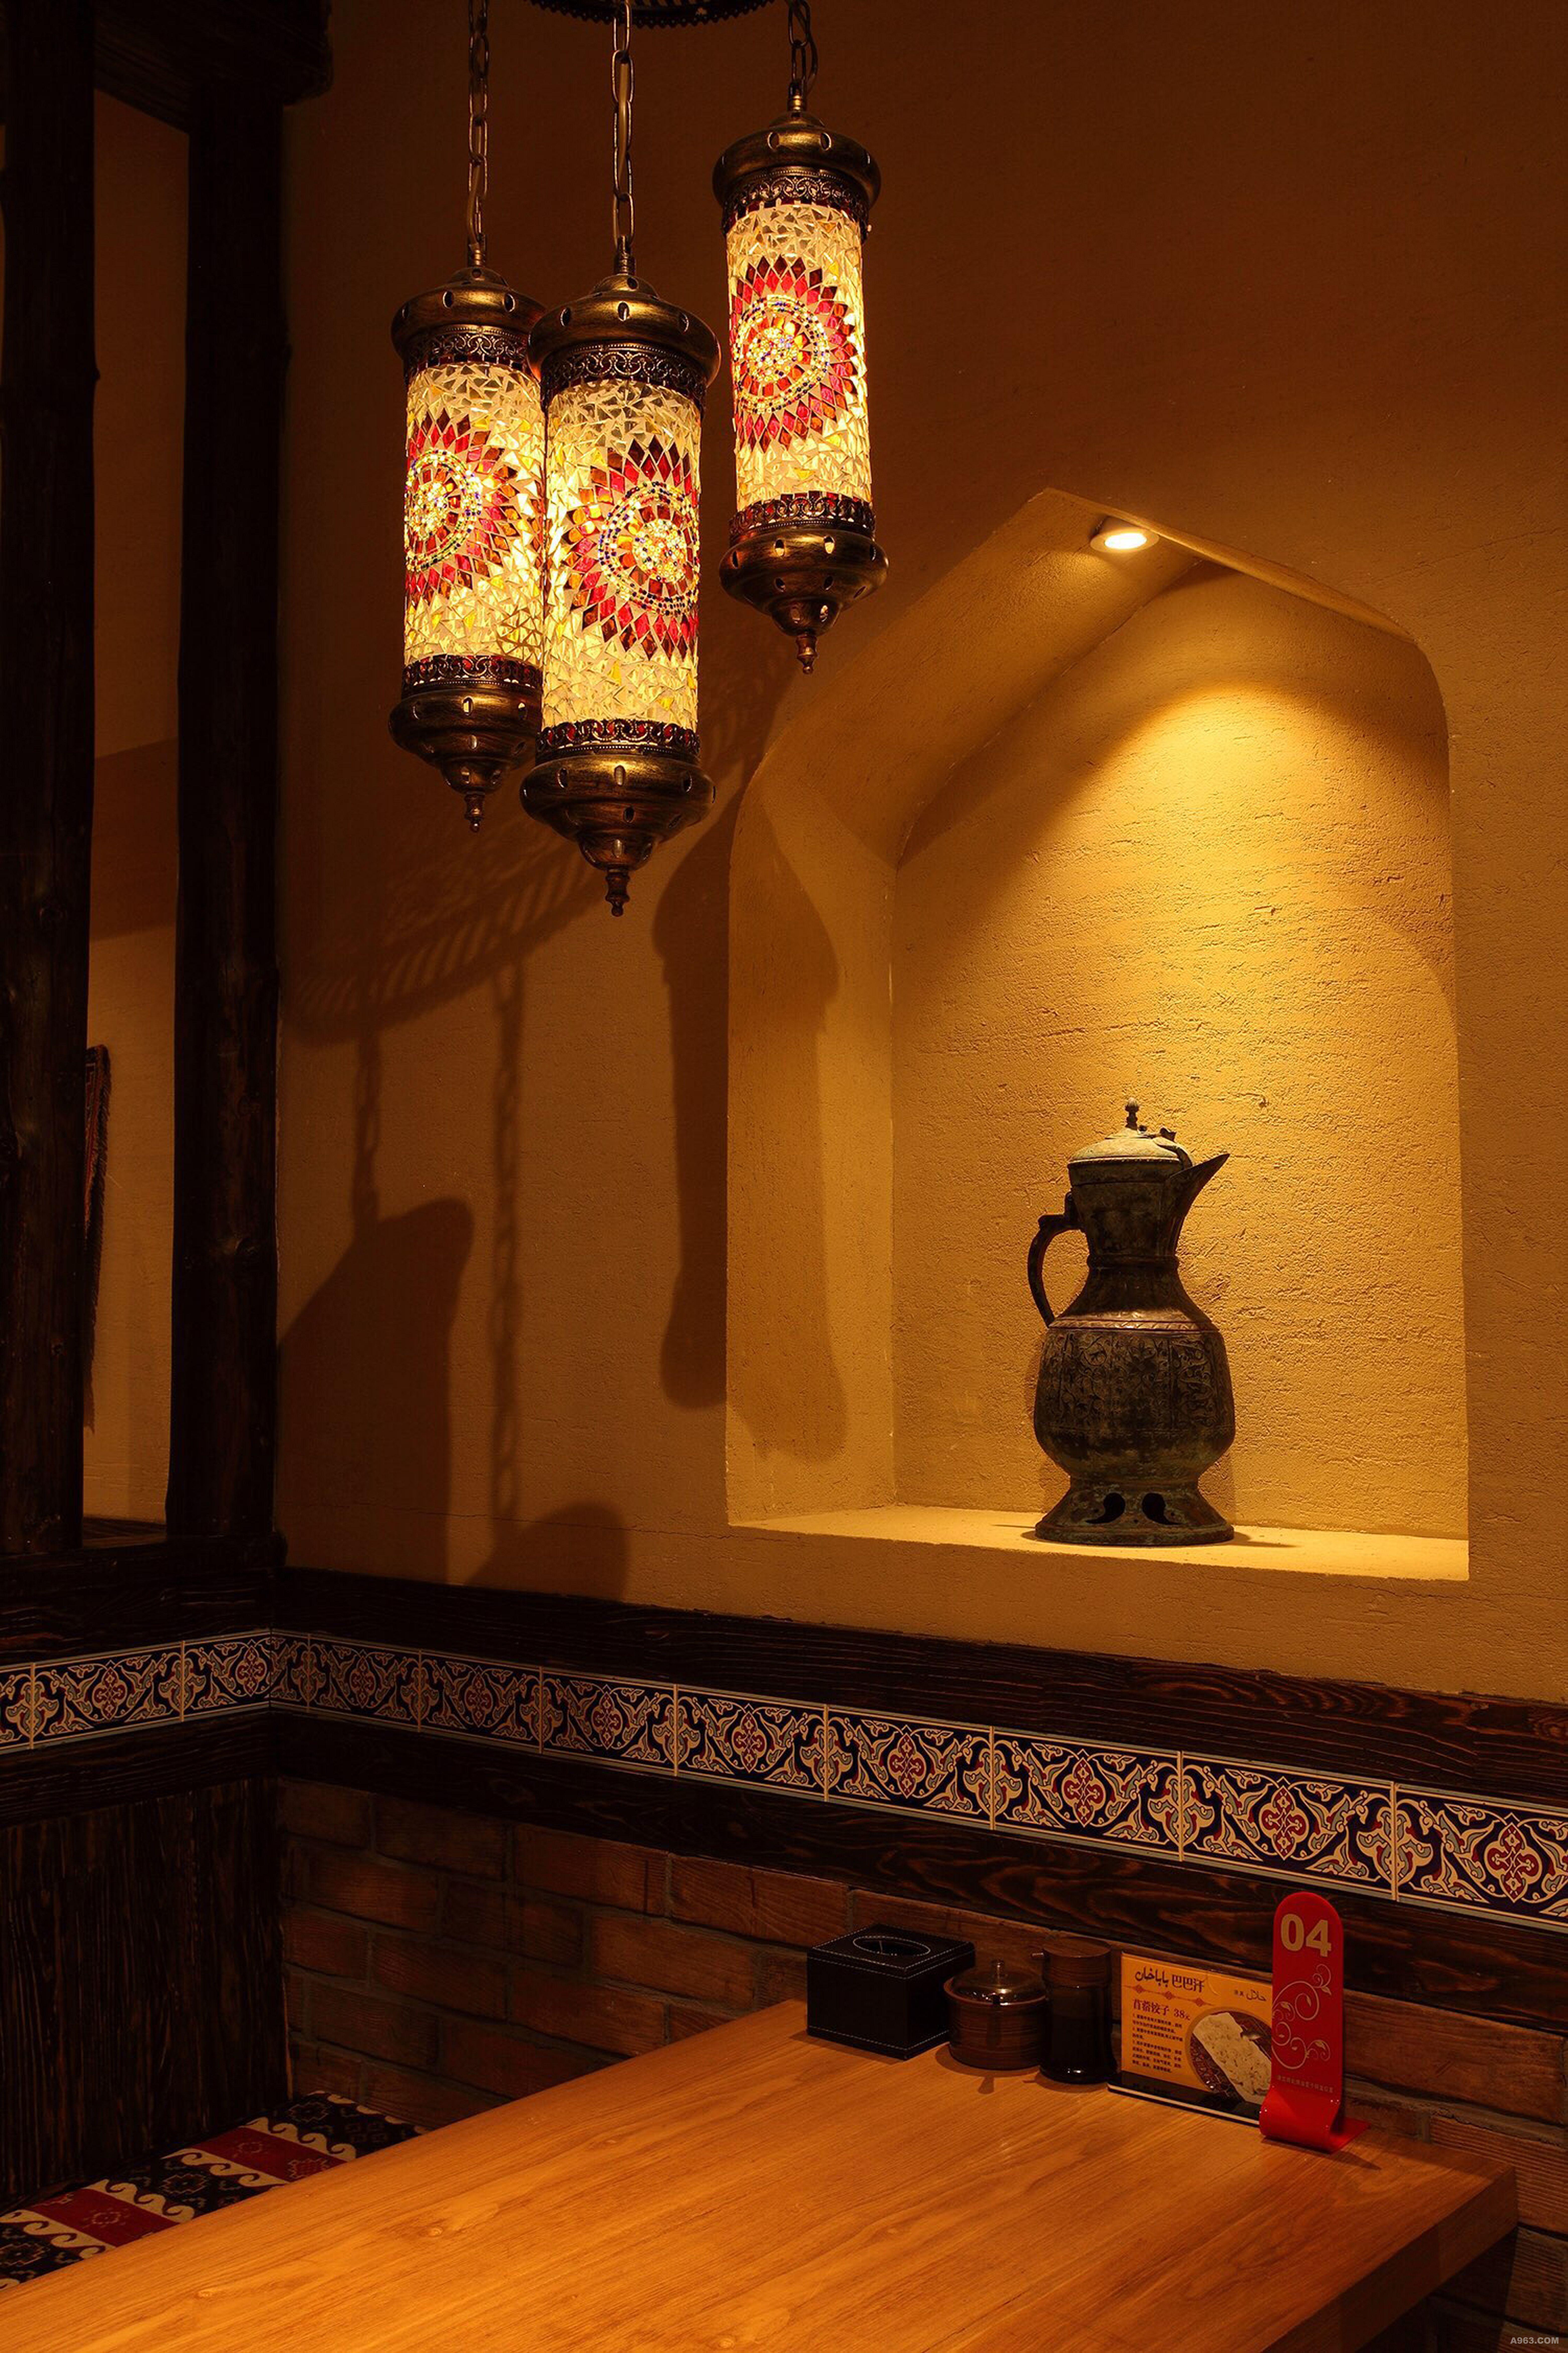 新疆乌鲁木齐万达广场巴巴汗餐饮空间设计